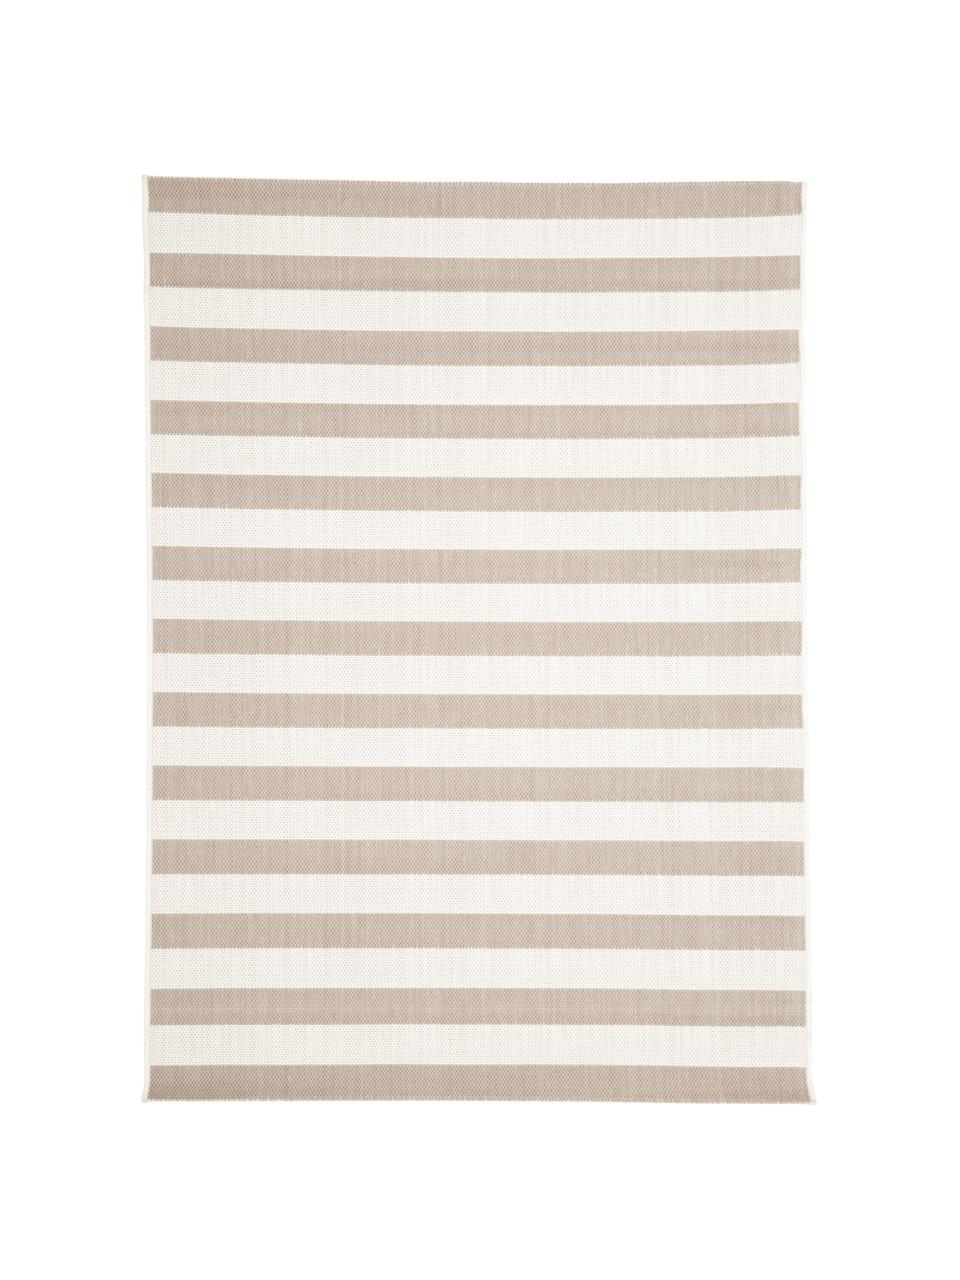 Gestreifter In- & Outdoor-Teppich Axa in Beige/Weiß, 86% Polypropylen, 14% Polyester, Cremeweiß, Beige, B 200 x L 290 cm (Größe L)